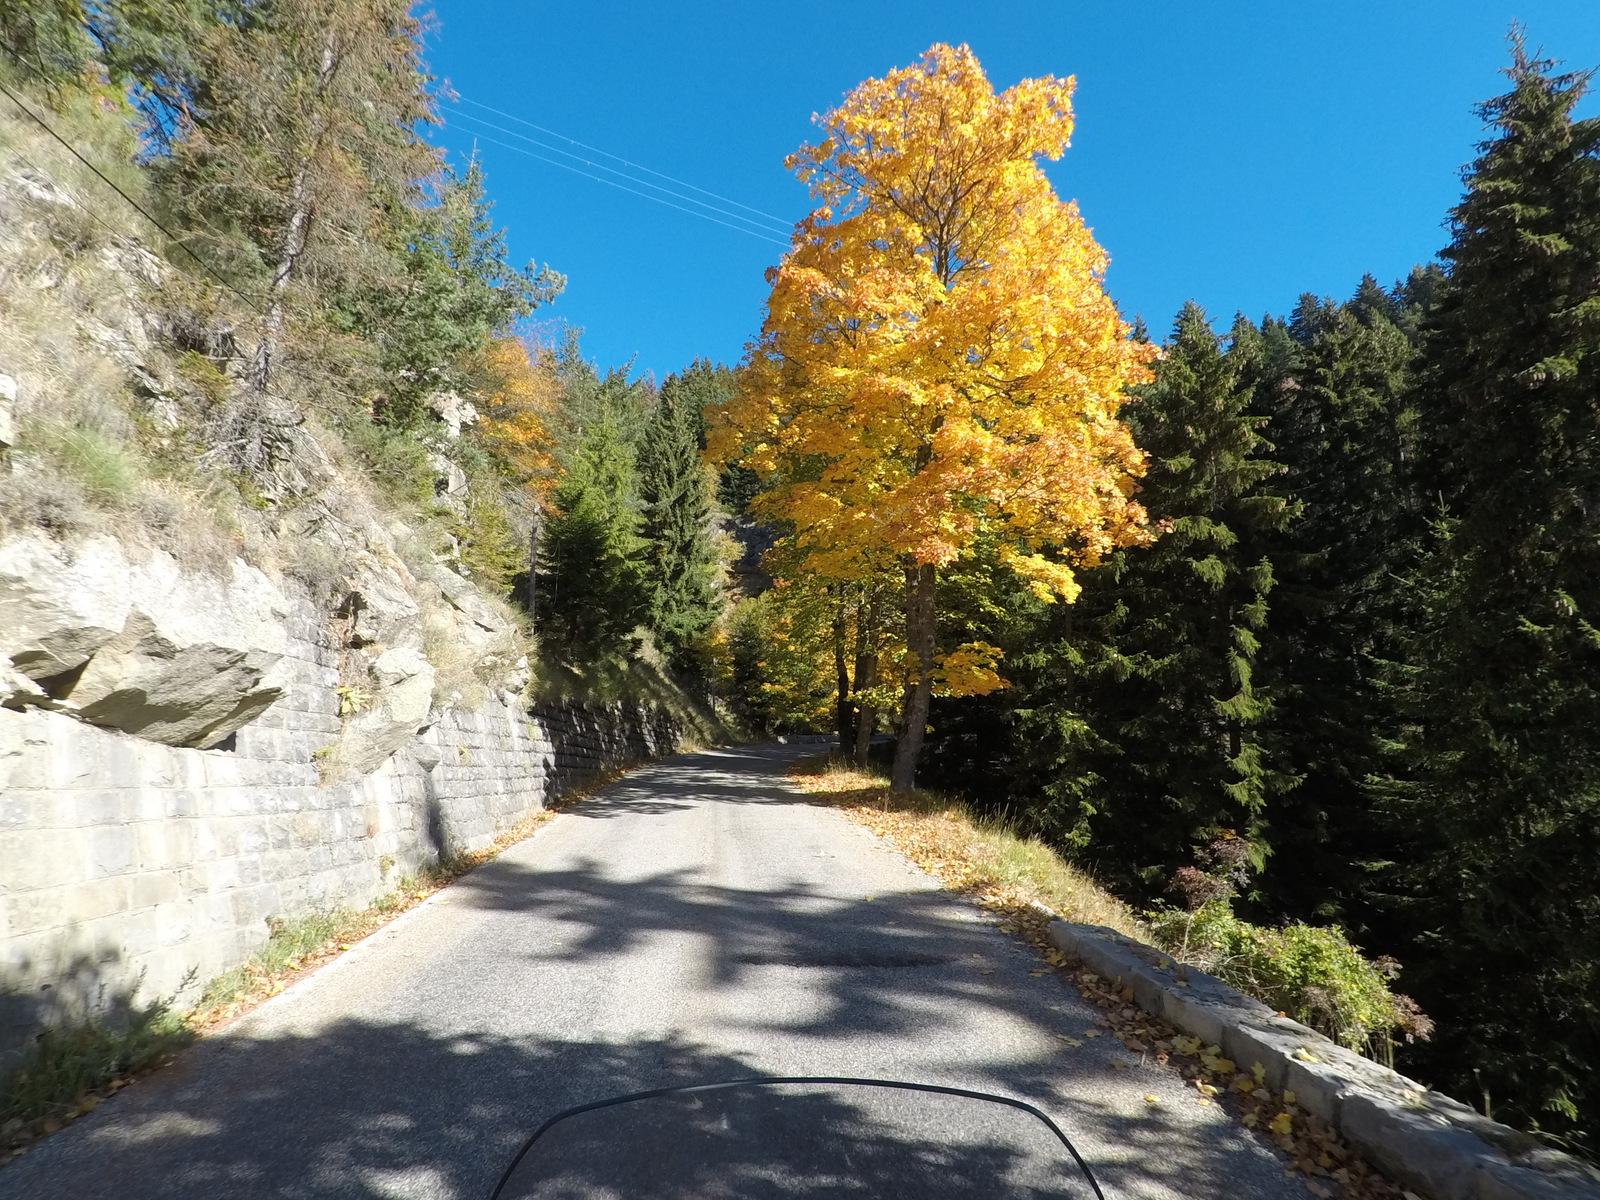 couleurs d'automne !